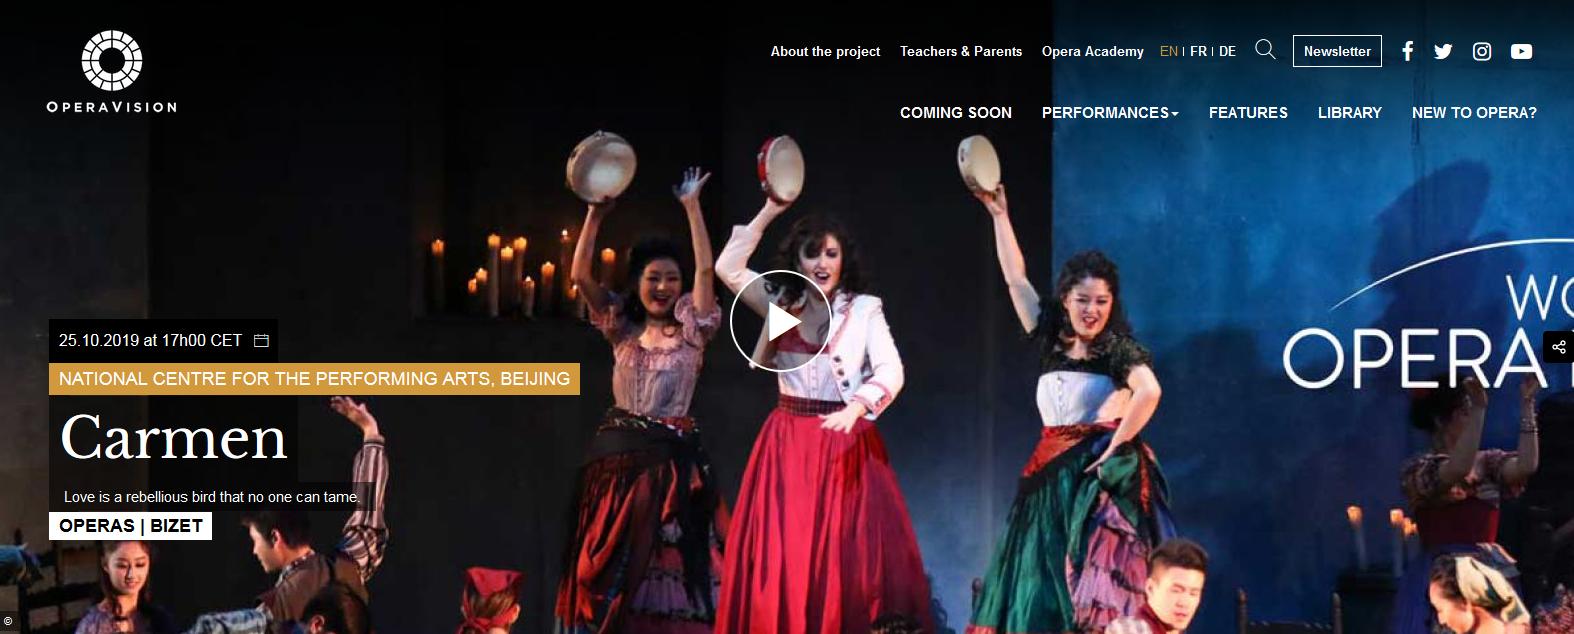 國家大劇院制作歌劇《卡門》在歐洲歌劇聯盟歌劇視角網站呈現.png